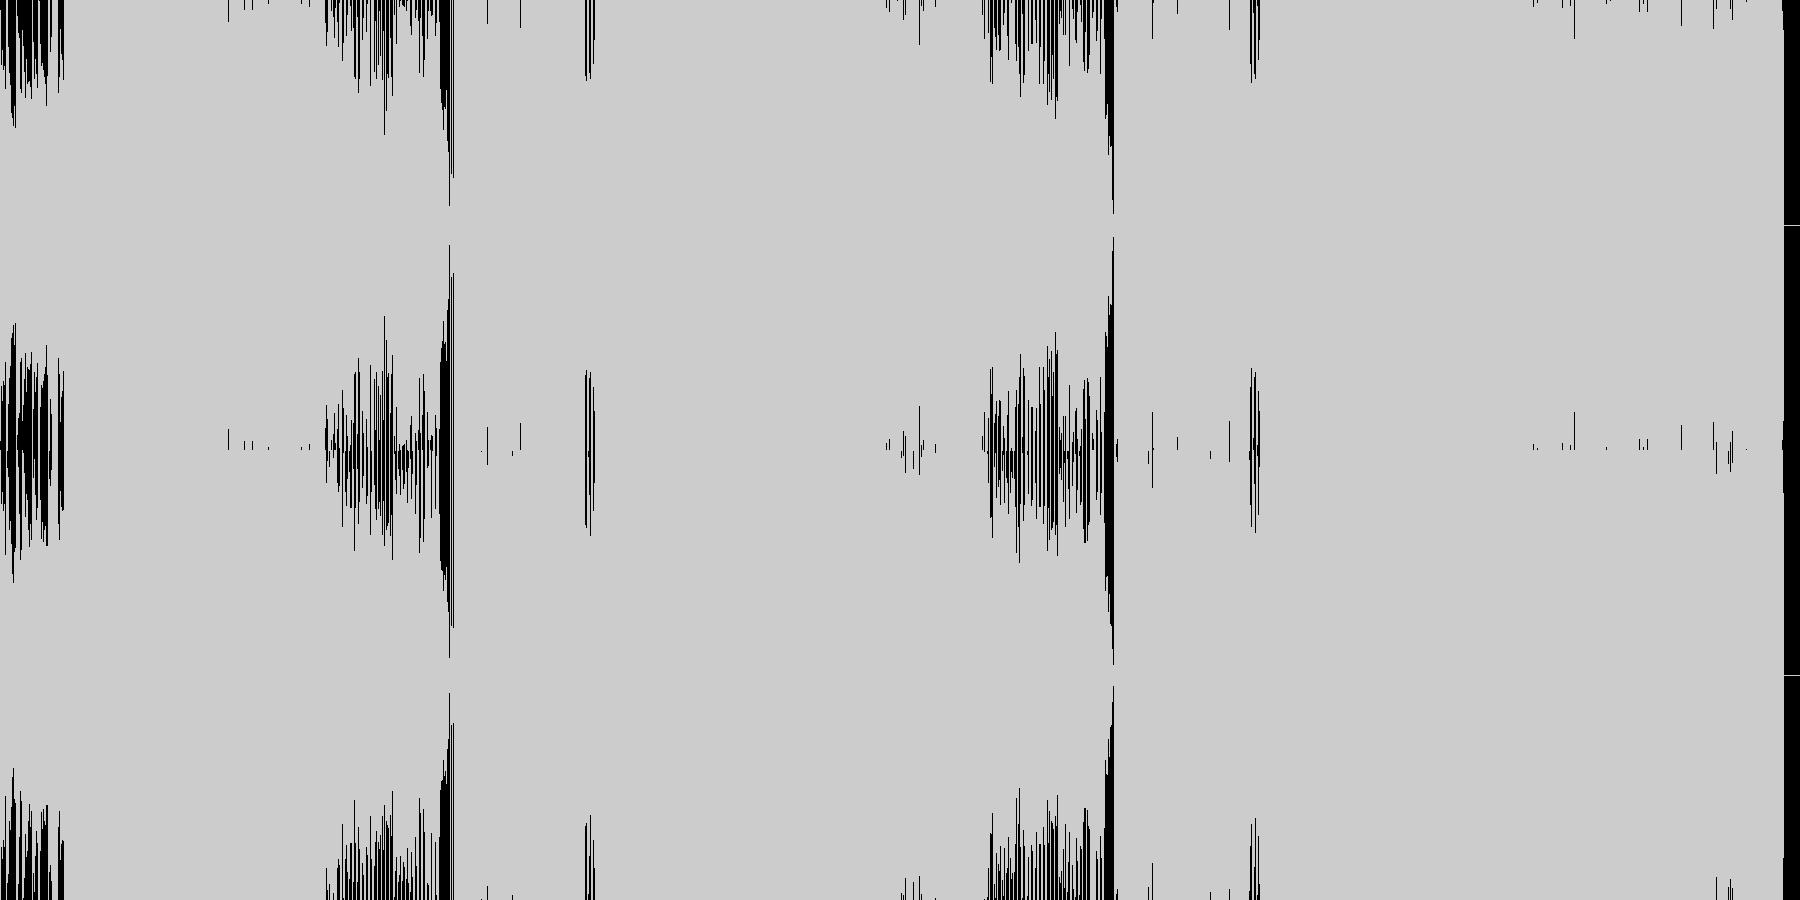 日本語ギターエレクトロポップの未再生の波形